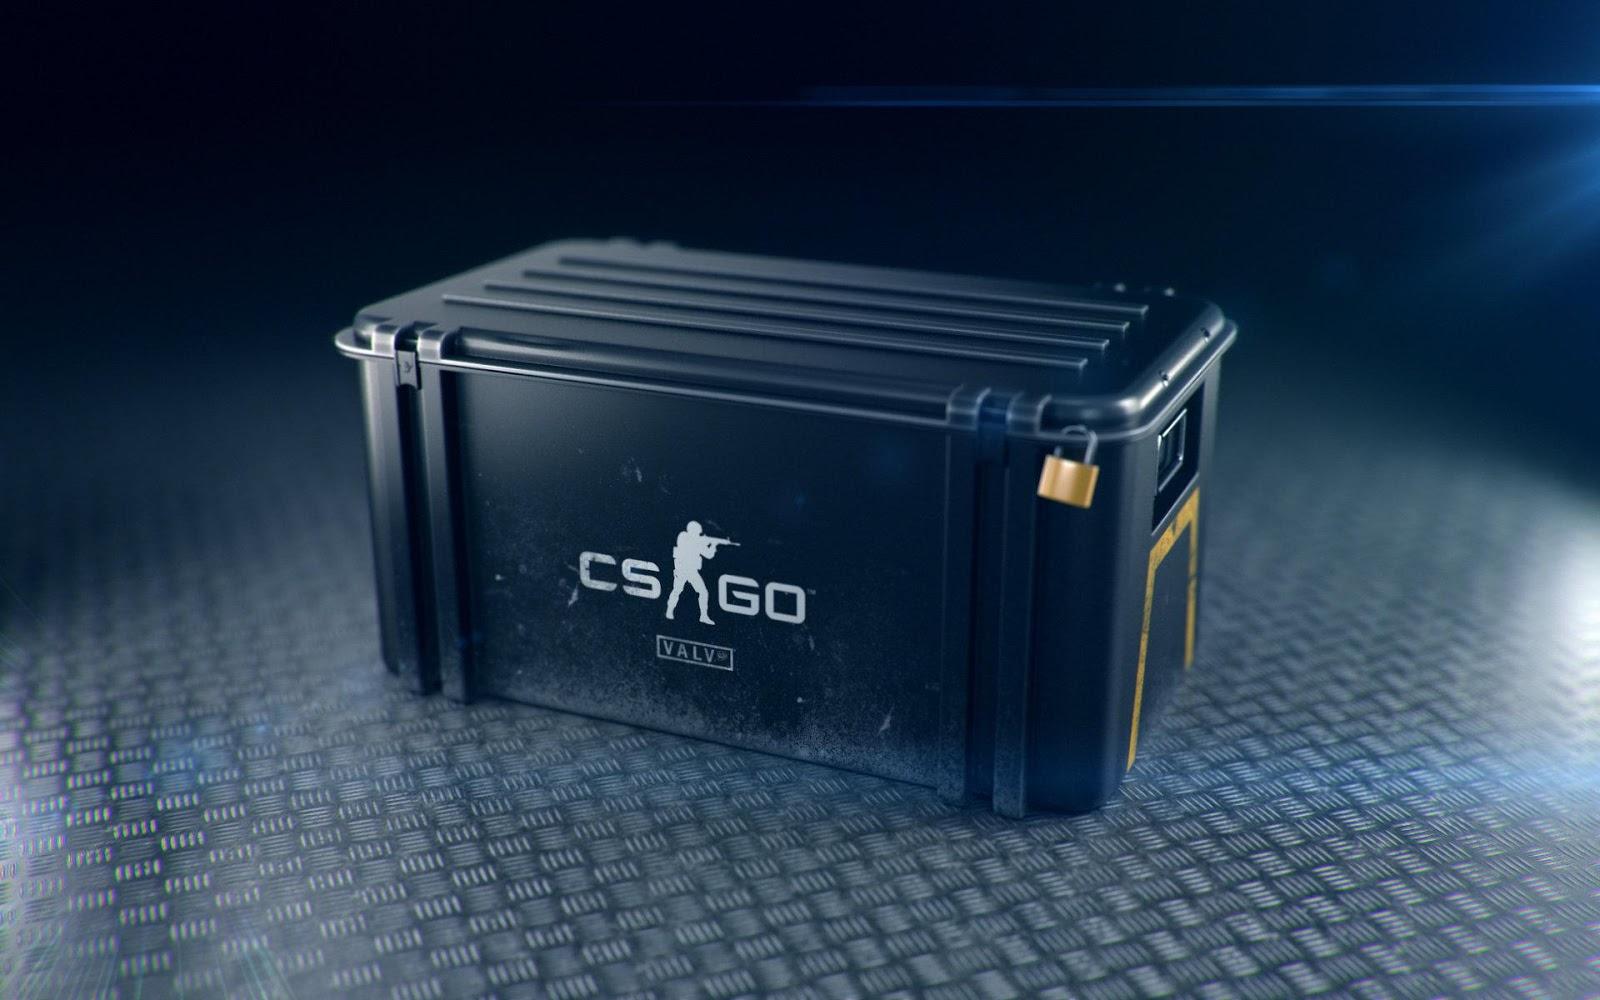 10 Best CSGO Cases to Open